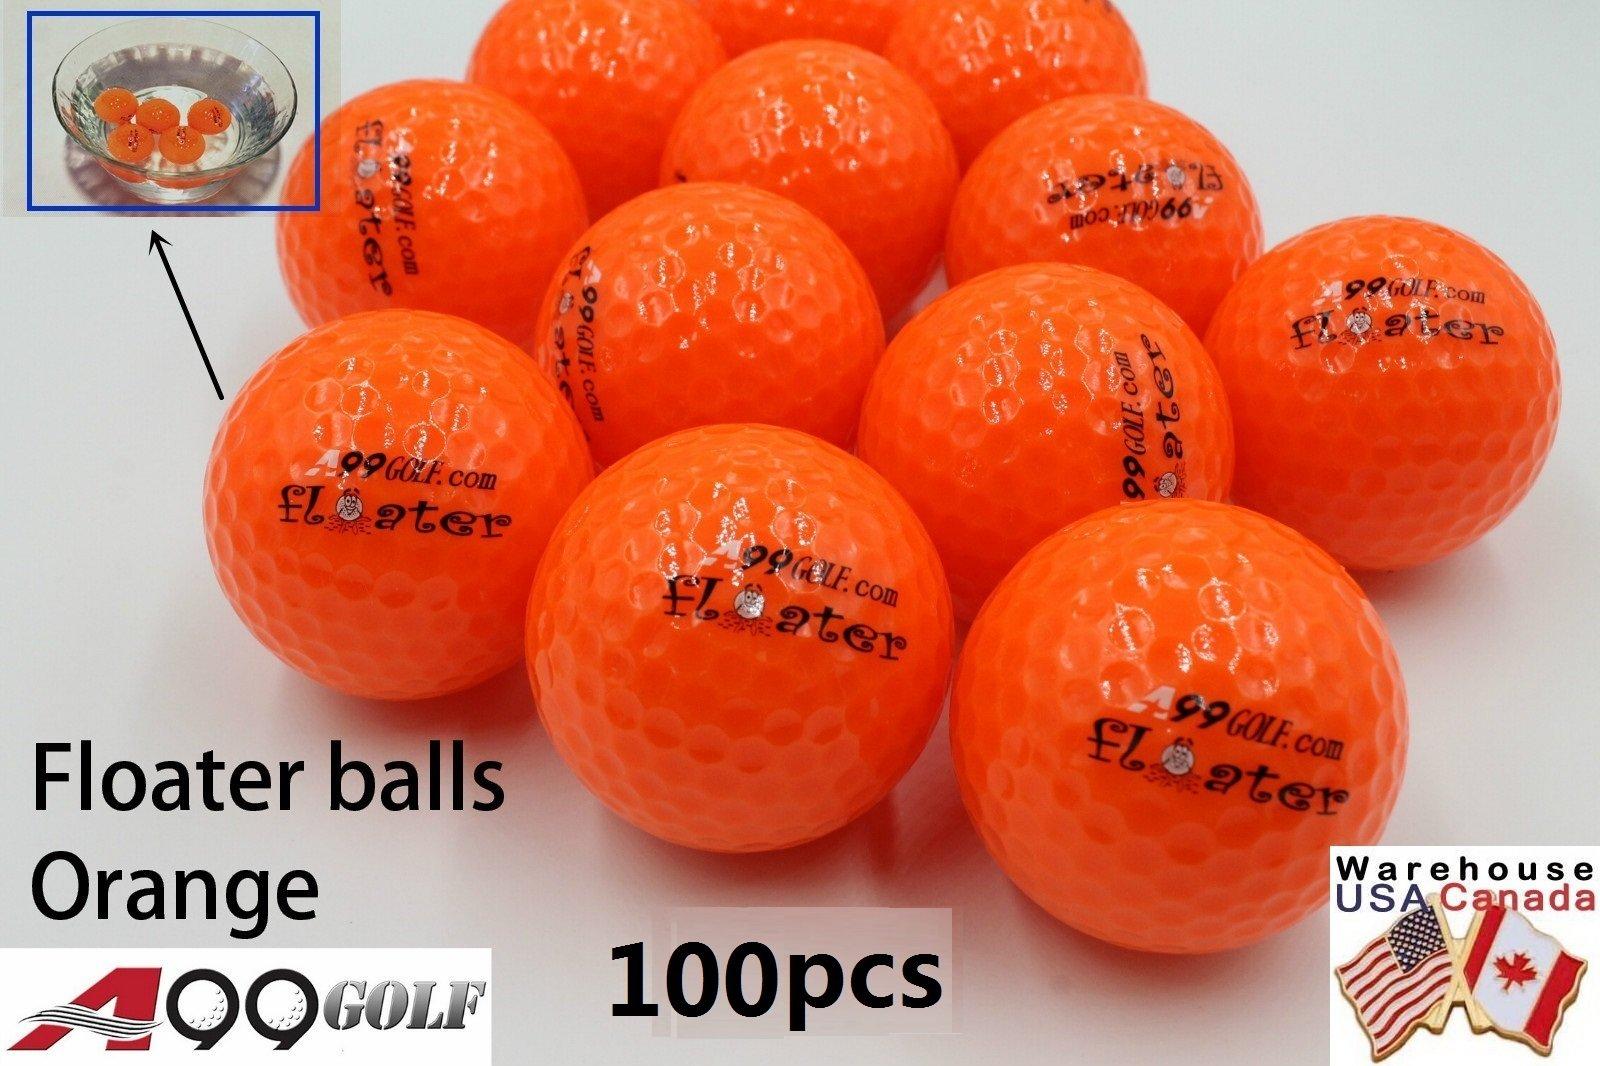 100pcs A99 Golf floater balls orange color with logo - floating balls